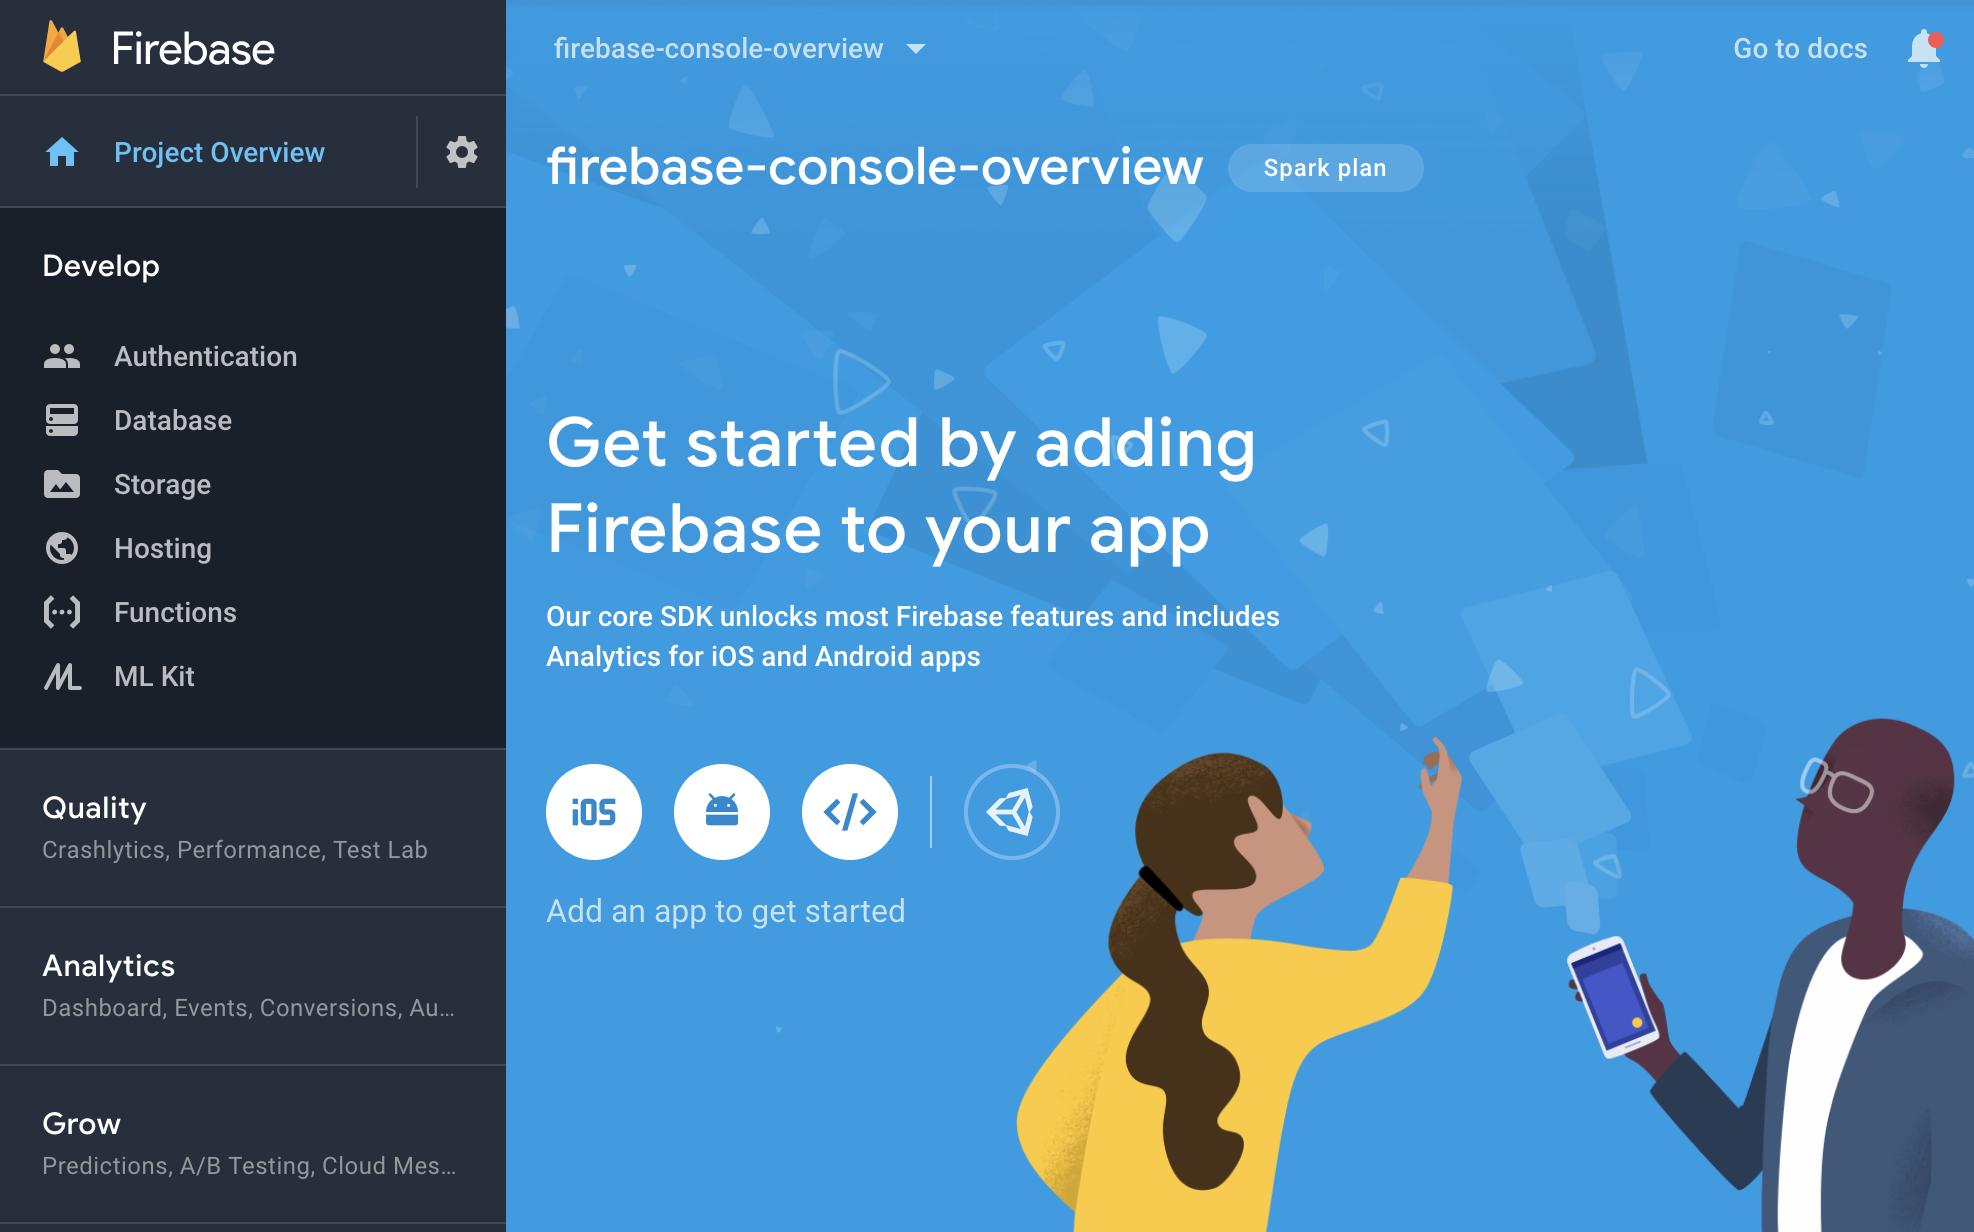 وحدة تحكم Firebase - شاشة نظرة عامة على المشروع